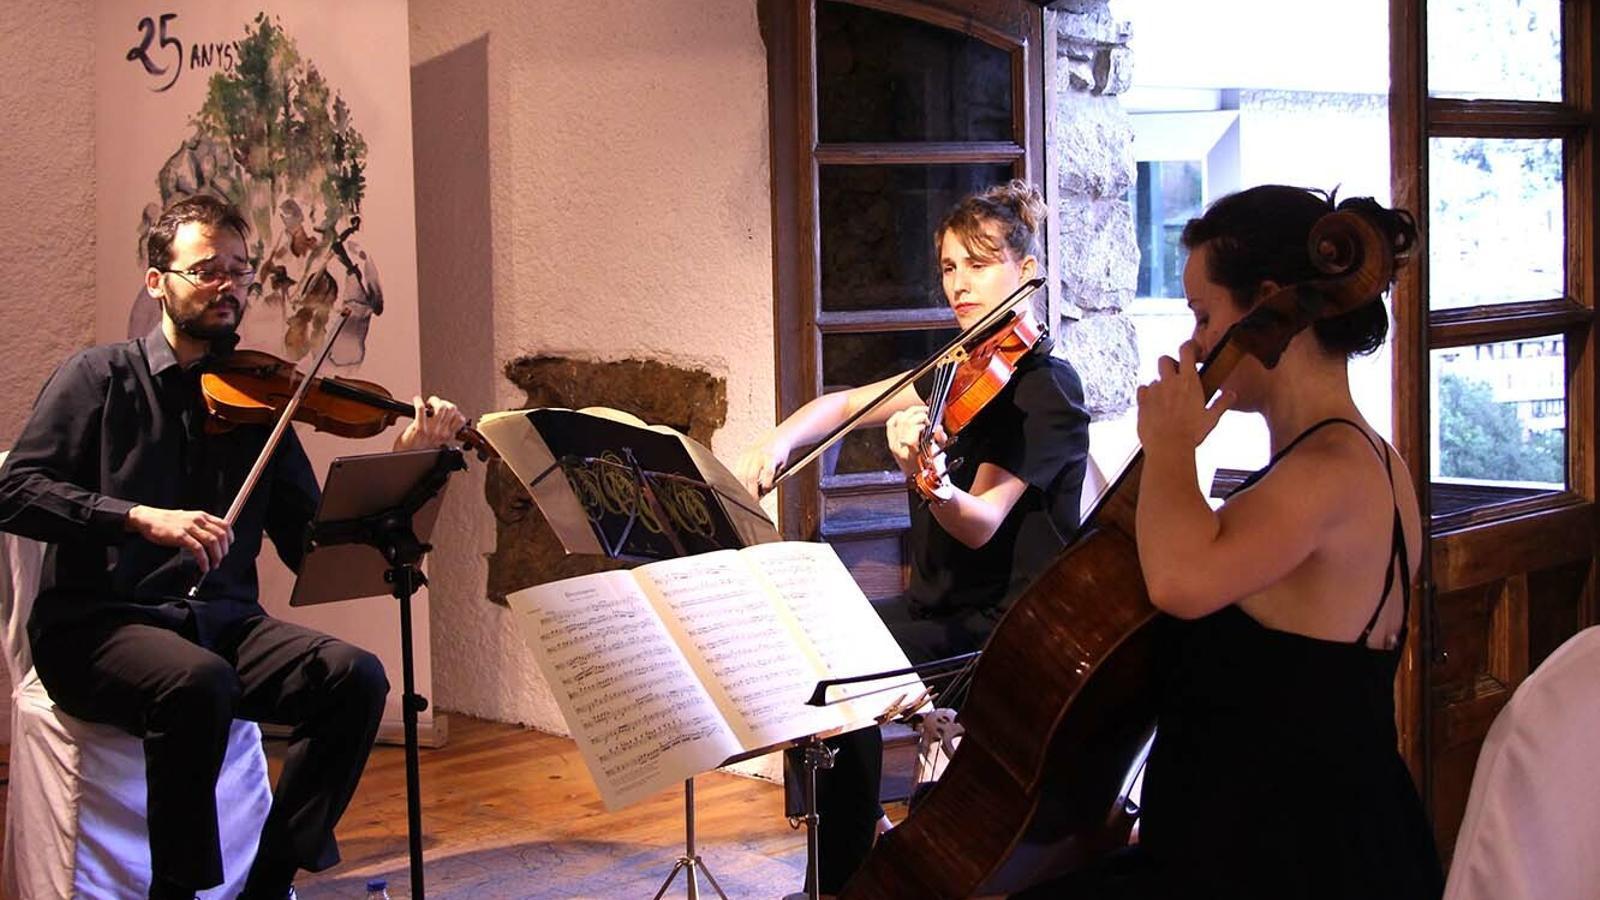 Un moment de l'actuació del Trio Goldberg, a Casa de la Vall. / M. F. (ANA)